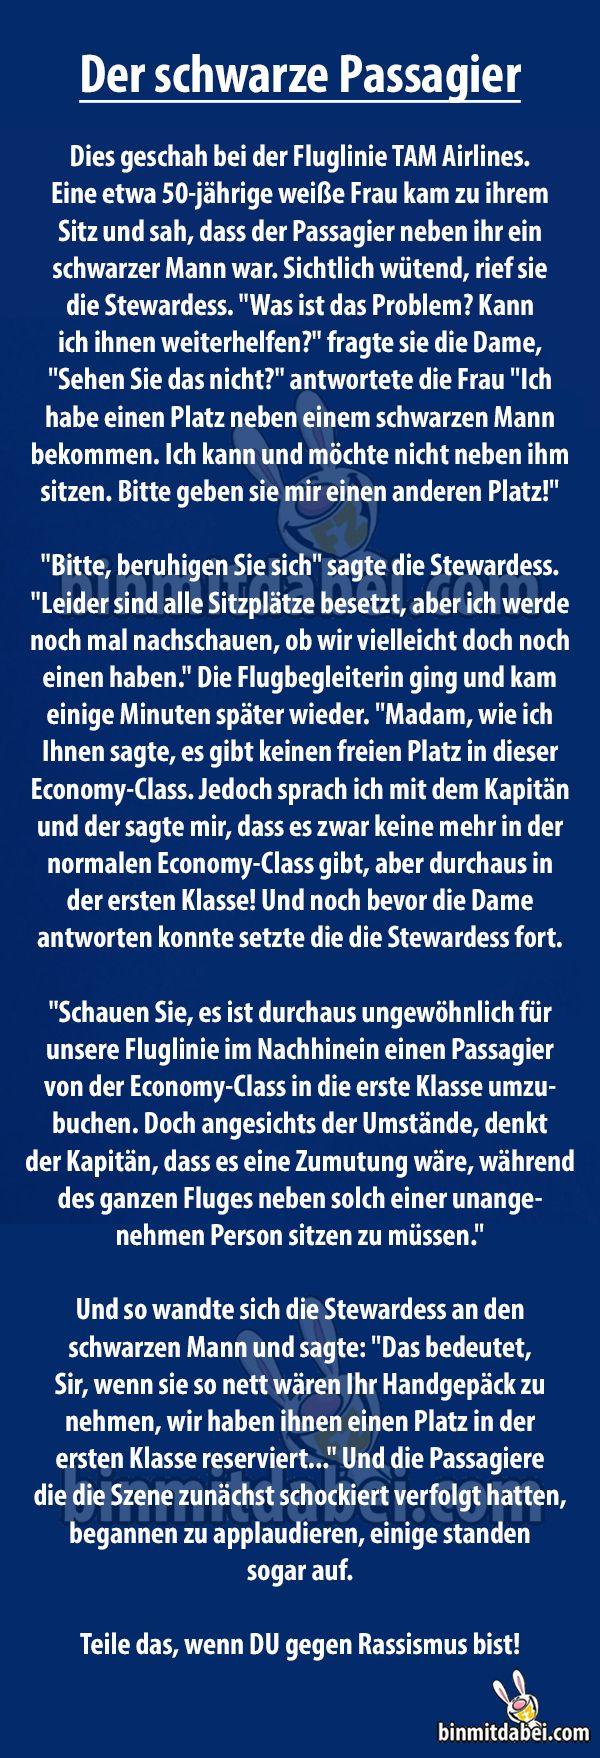 Der schwarze Passagier - Home des Tages 19.06.2015 | Funzentrale